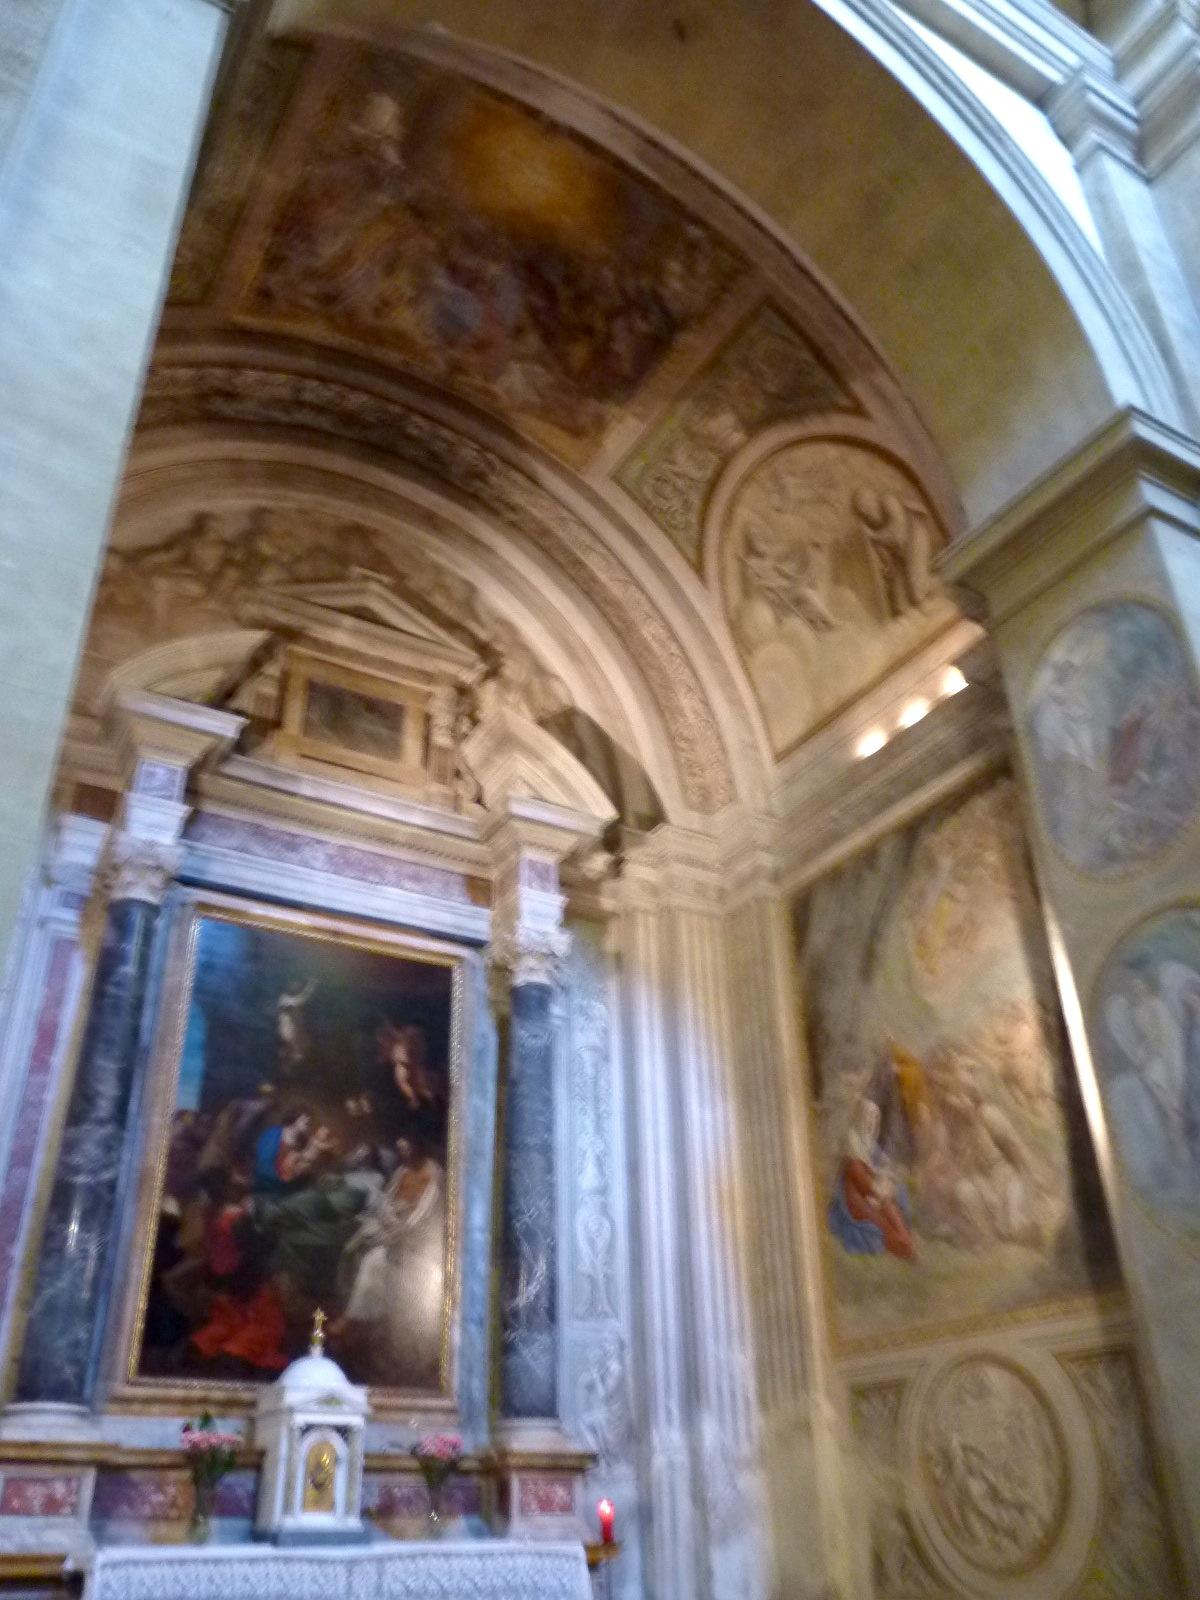 Chapel-frescos.jpg